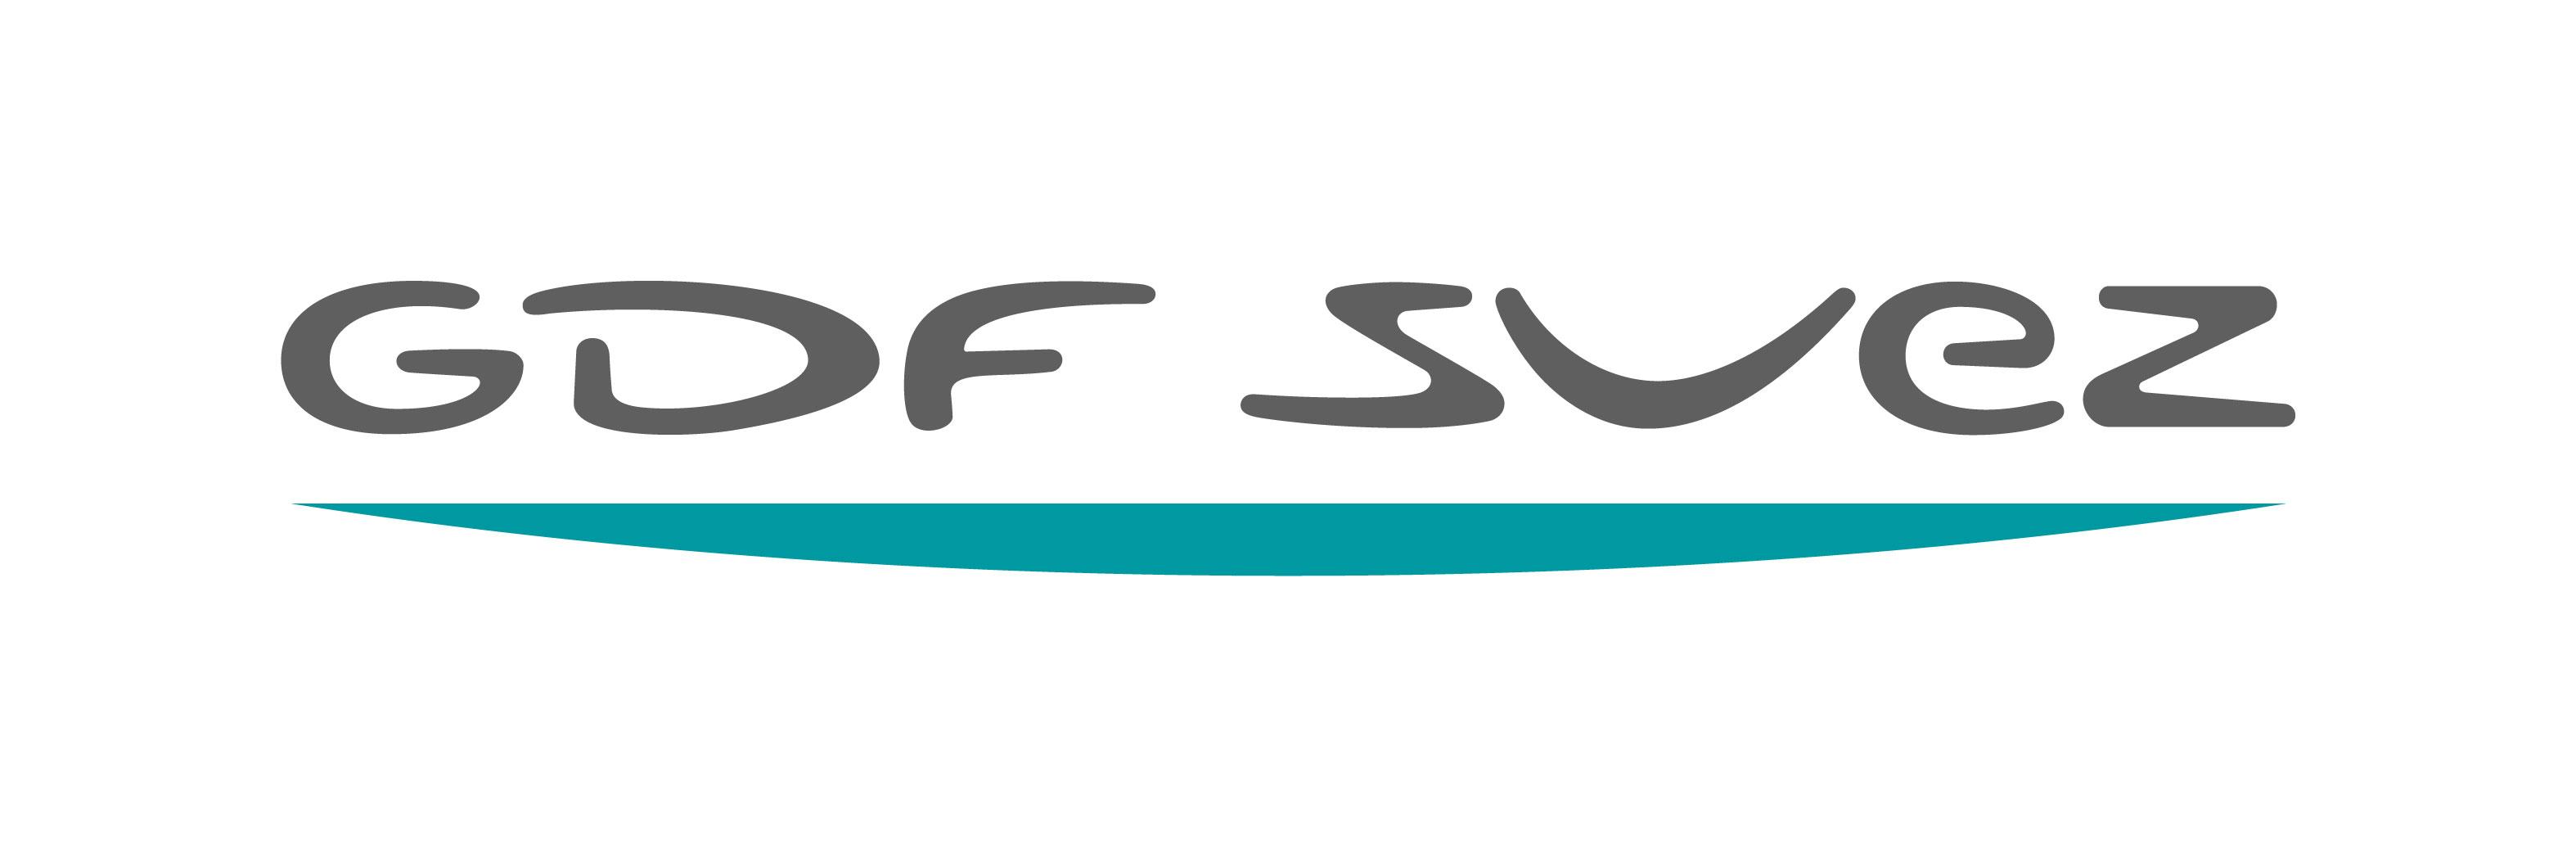 GDF_SUEZ_logo_RVB2013